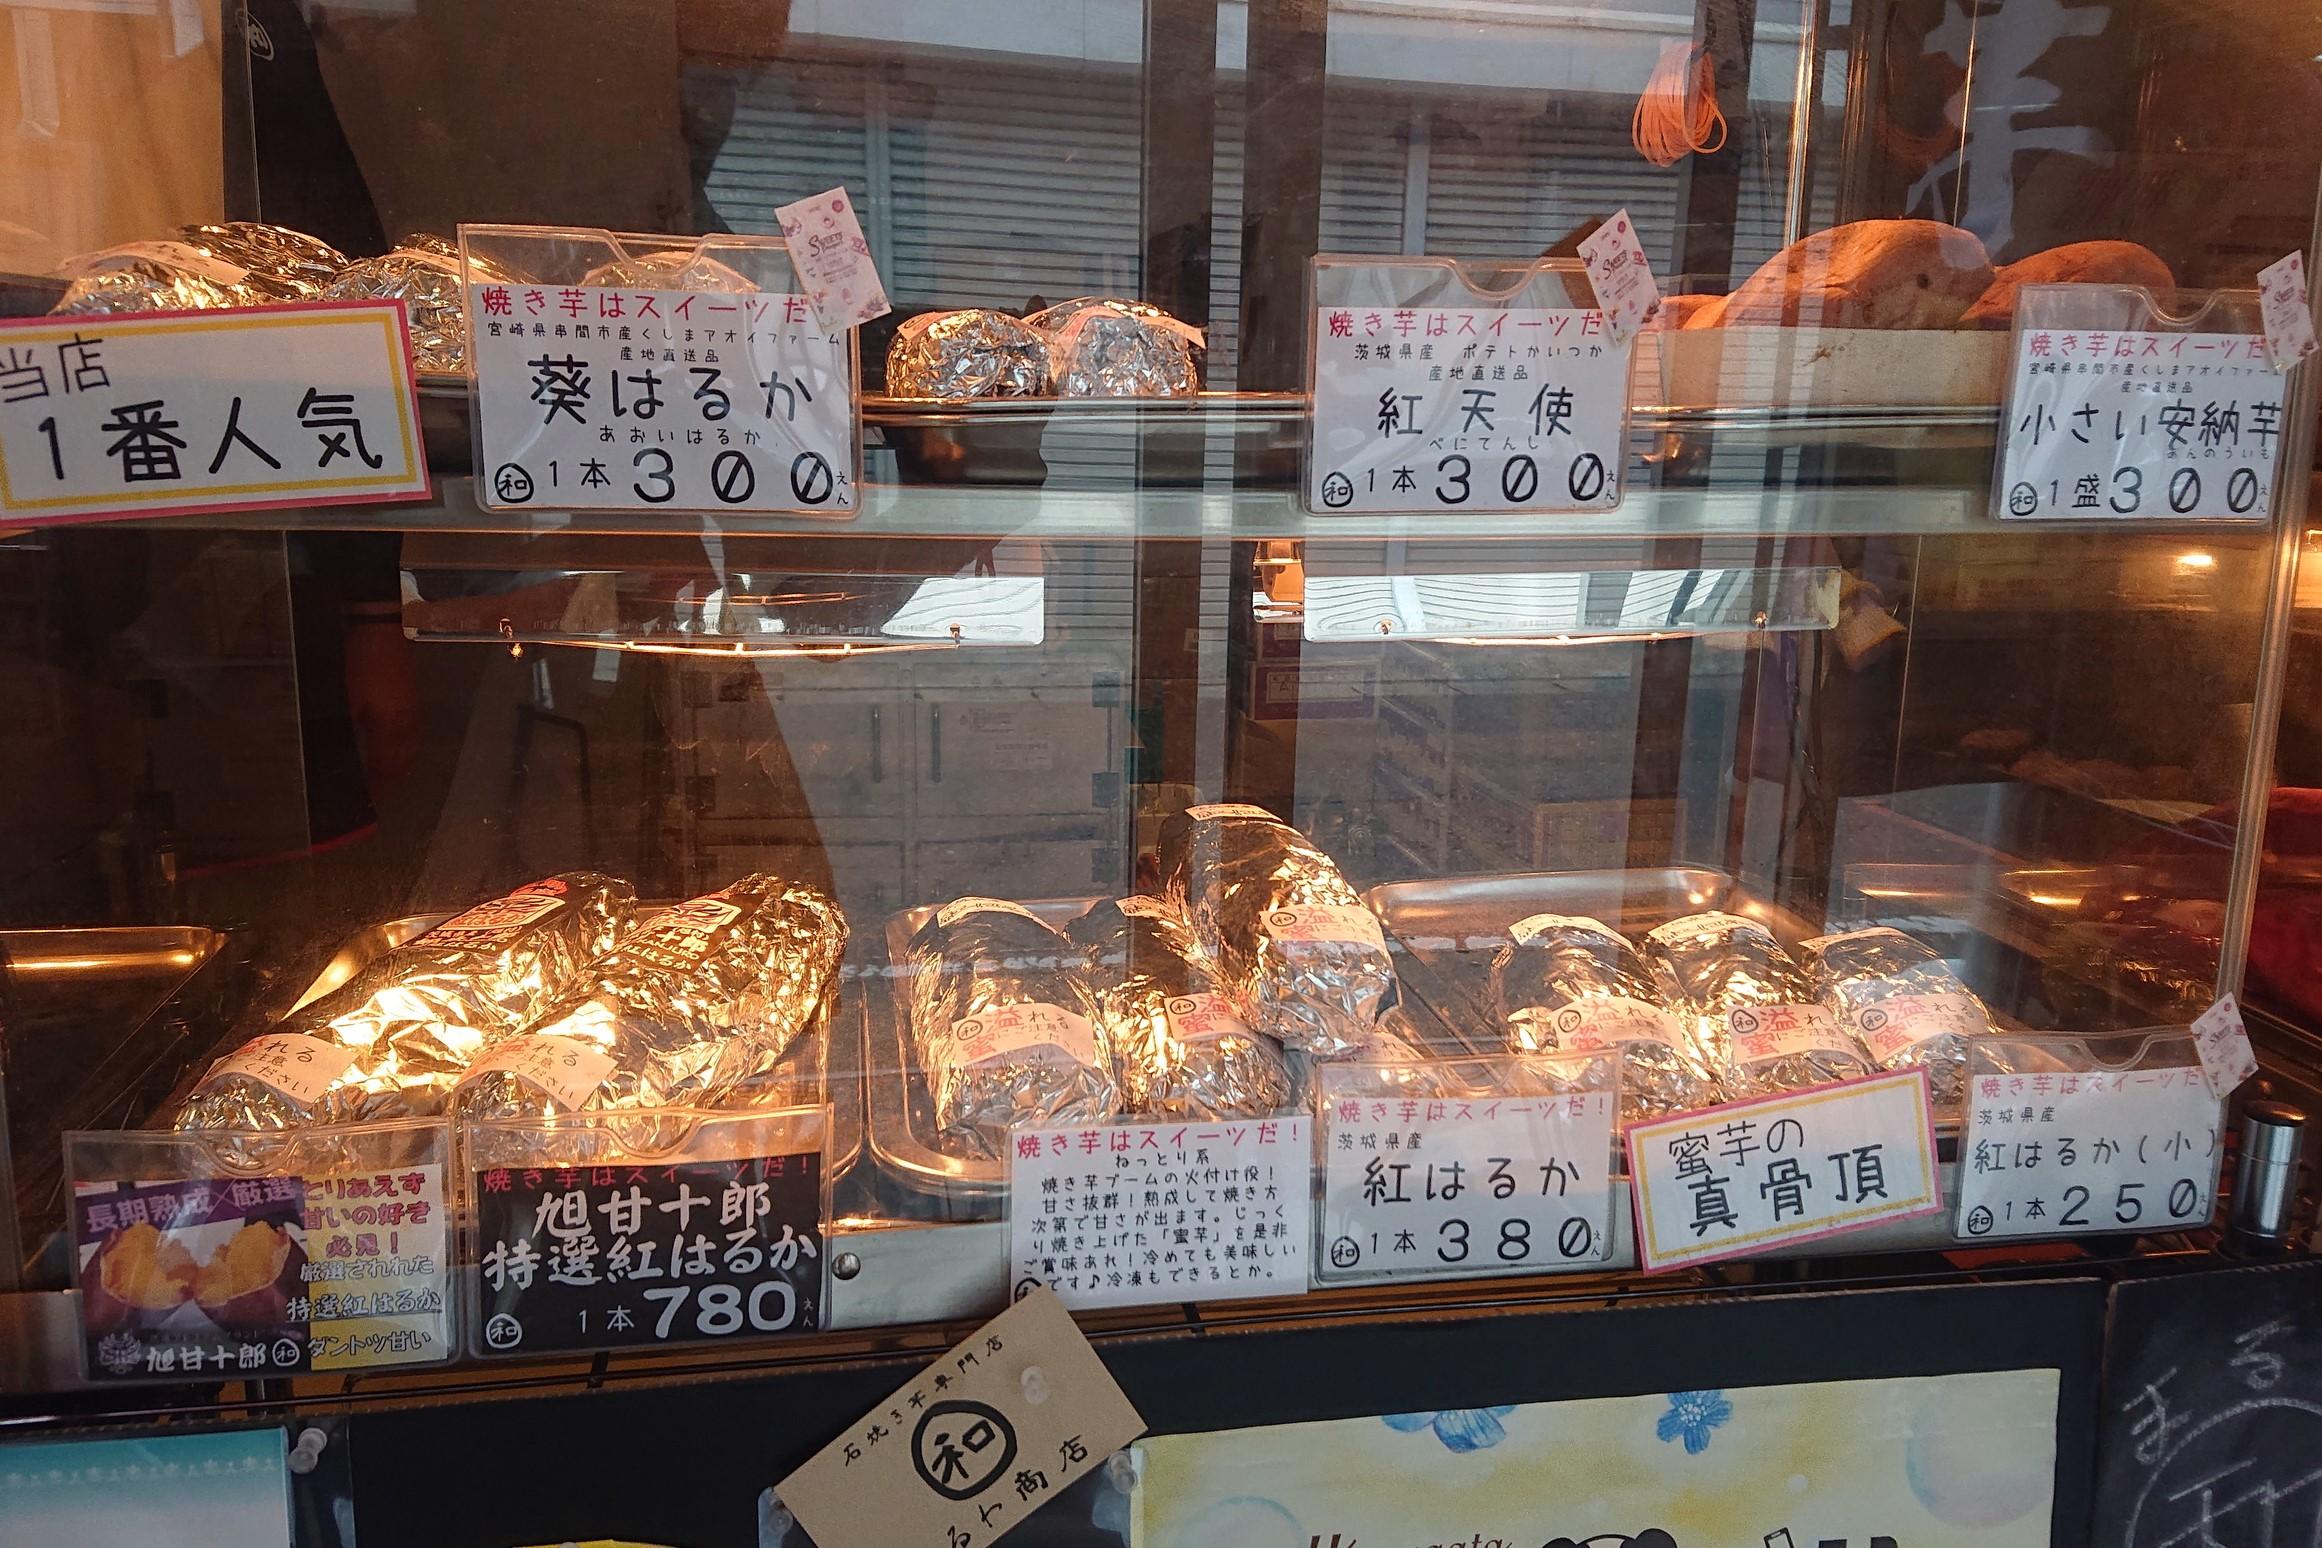 石焼き芋専門店 まるわ商店のディスプレイ1